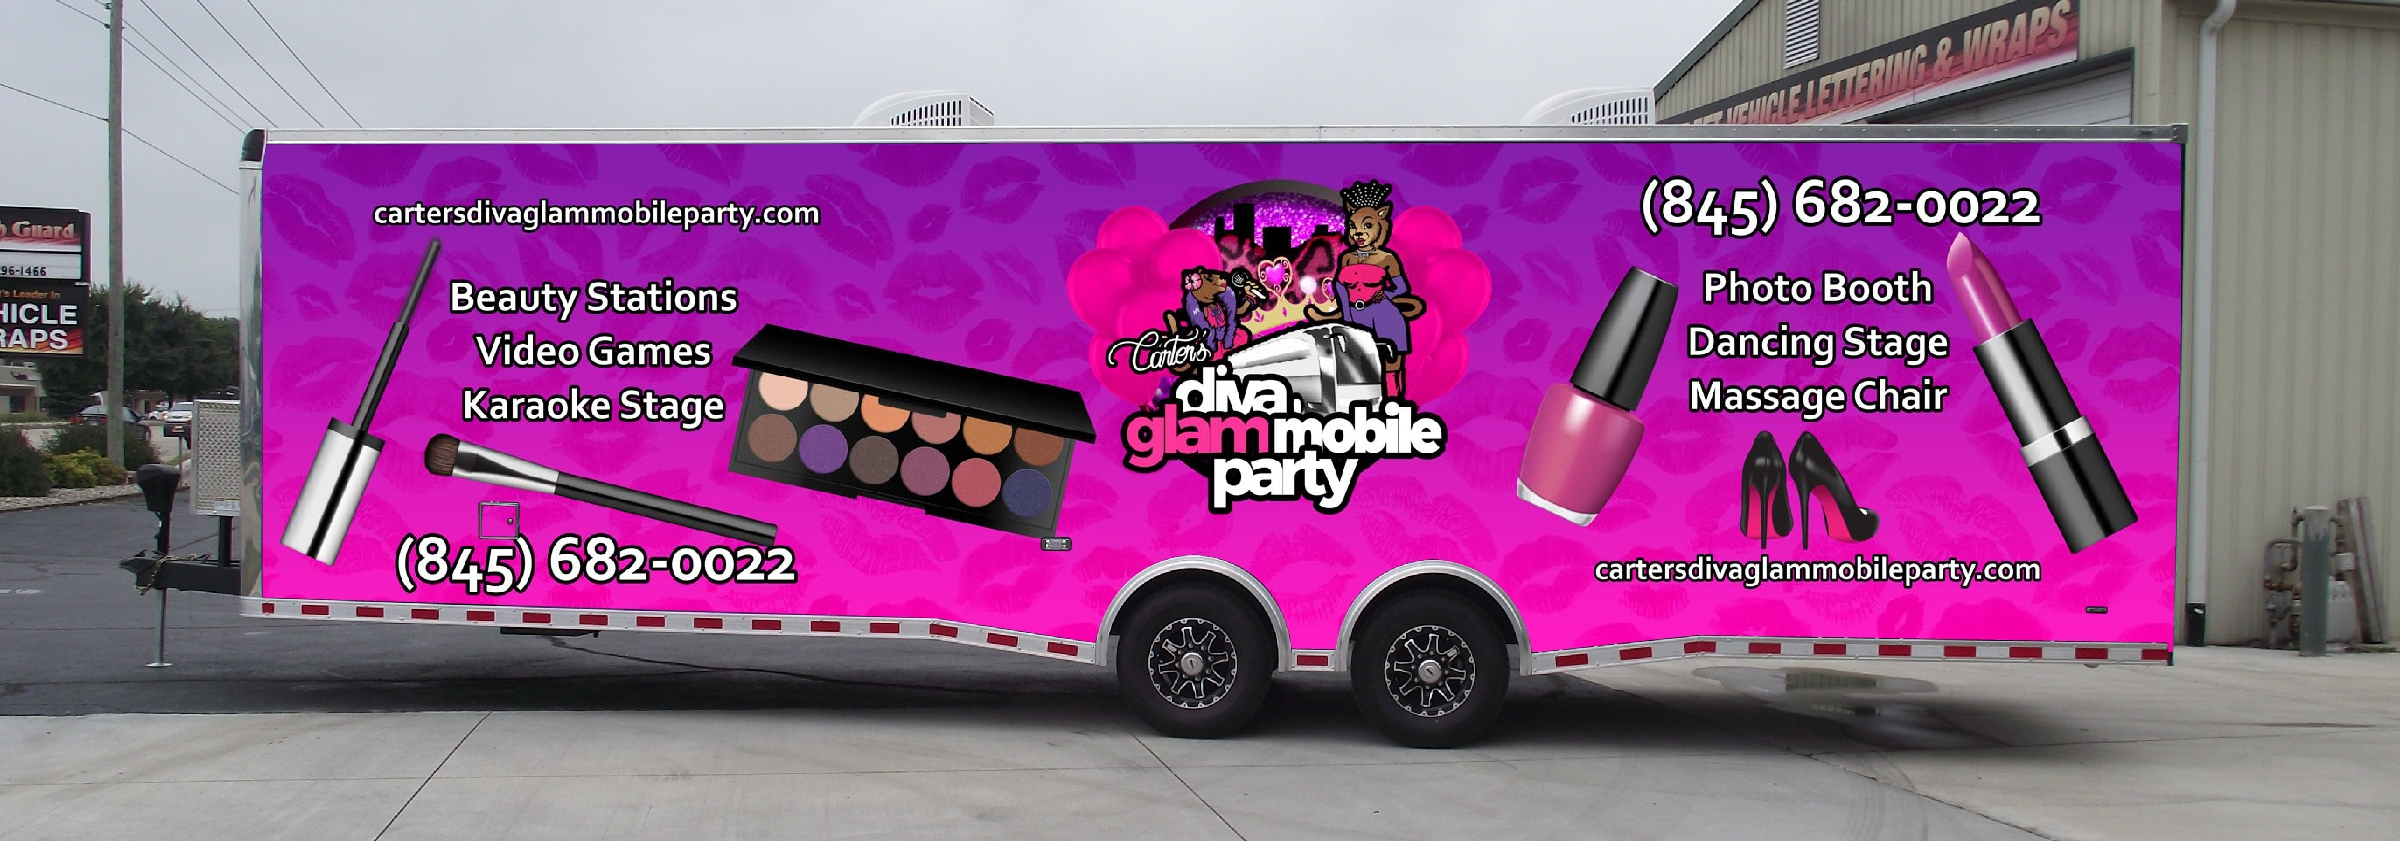 Carter's Diva Glam Mobile